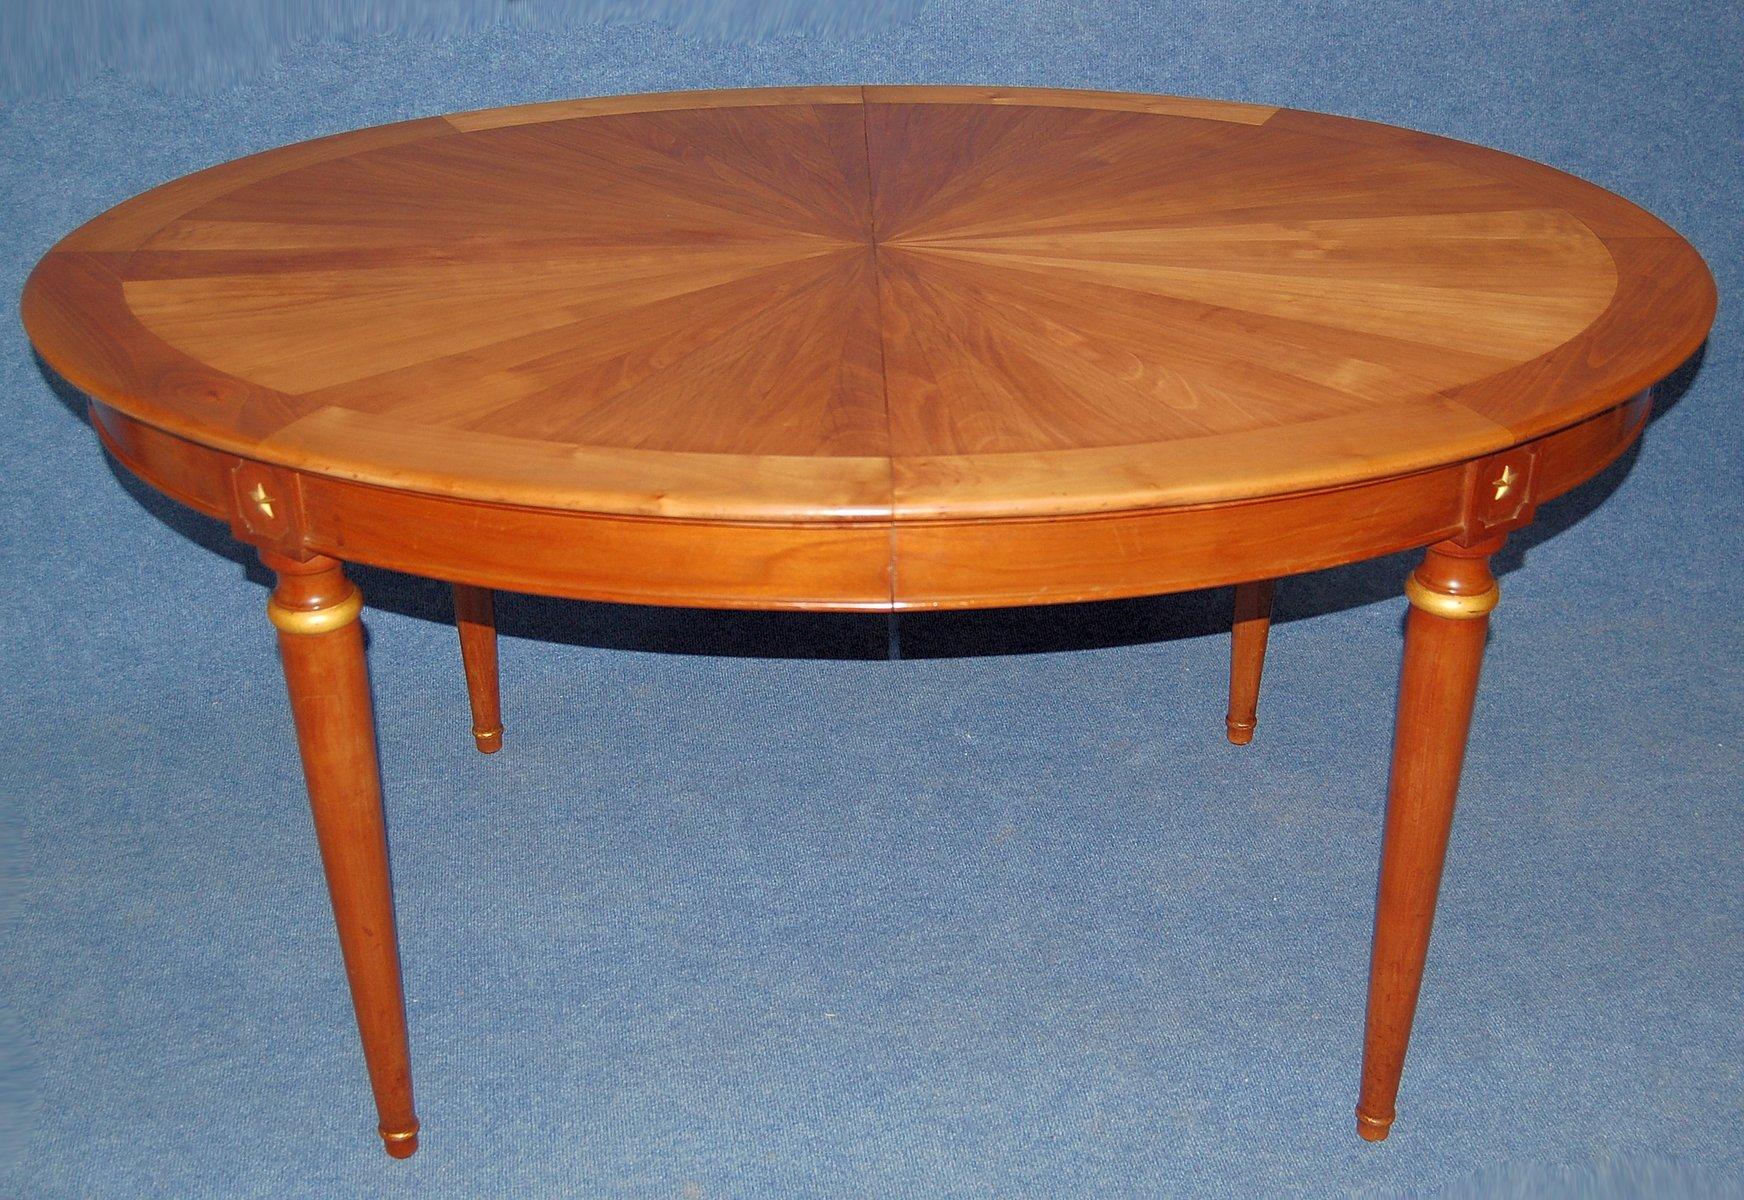 table de salle manger extensible 1940s en vente sur pamono. Black Bedroom Furniture Sets. Home Design Ideas